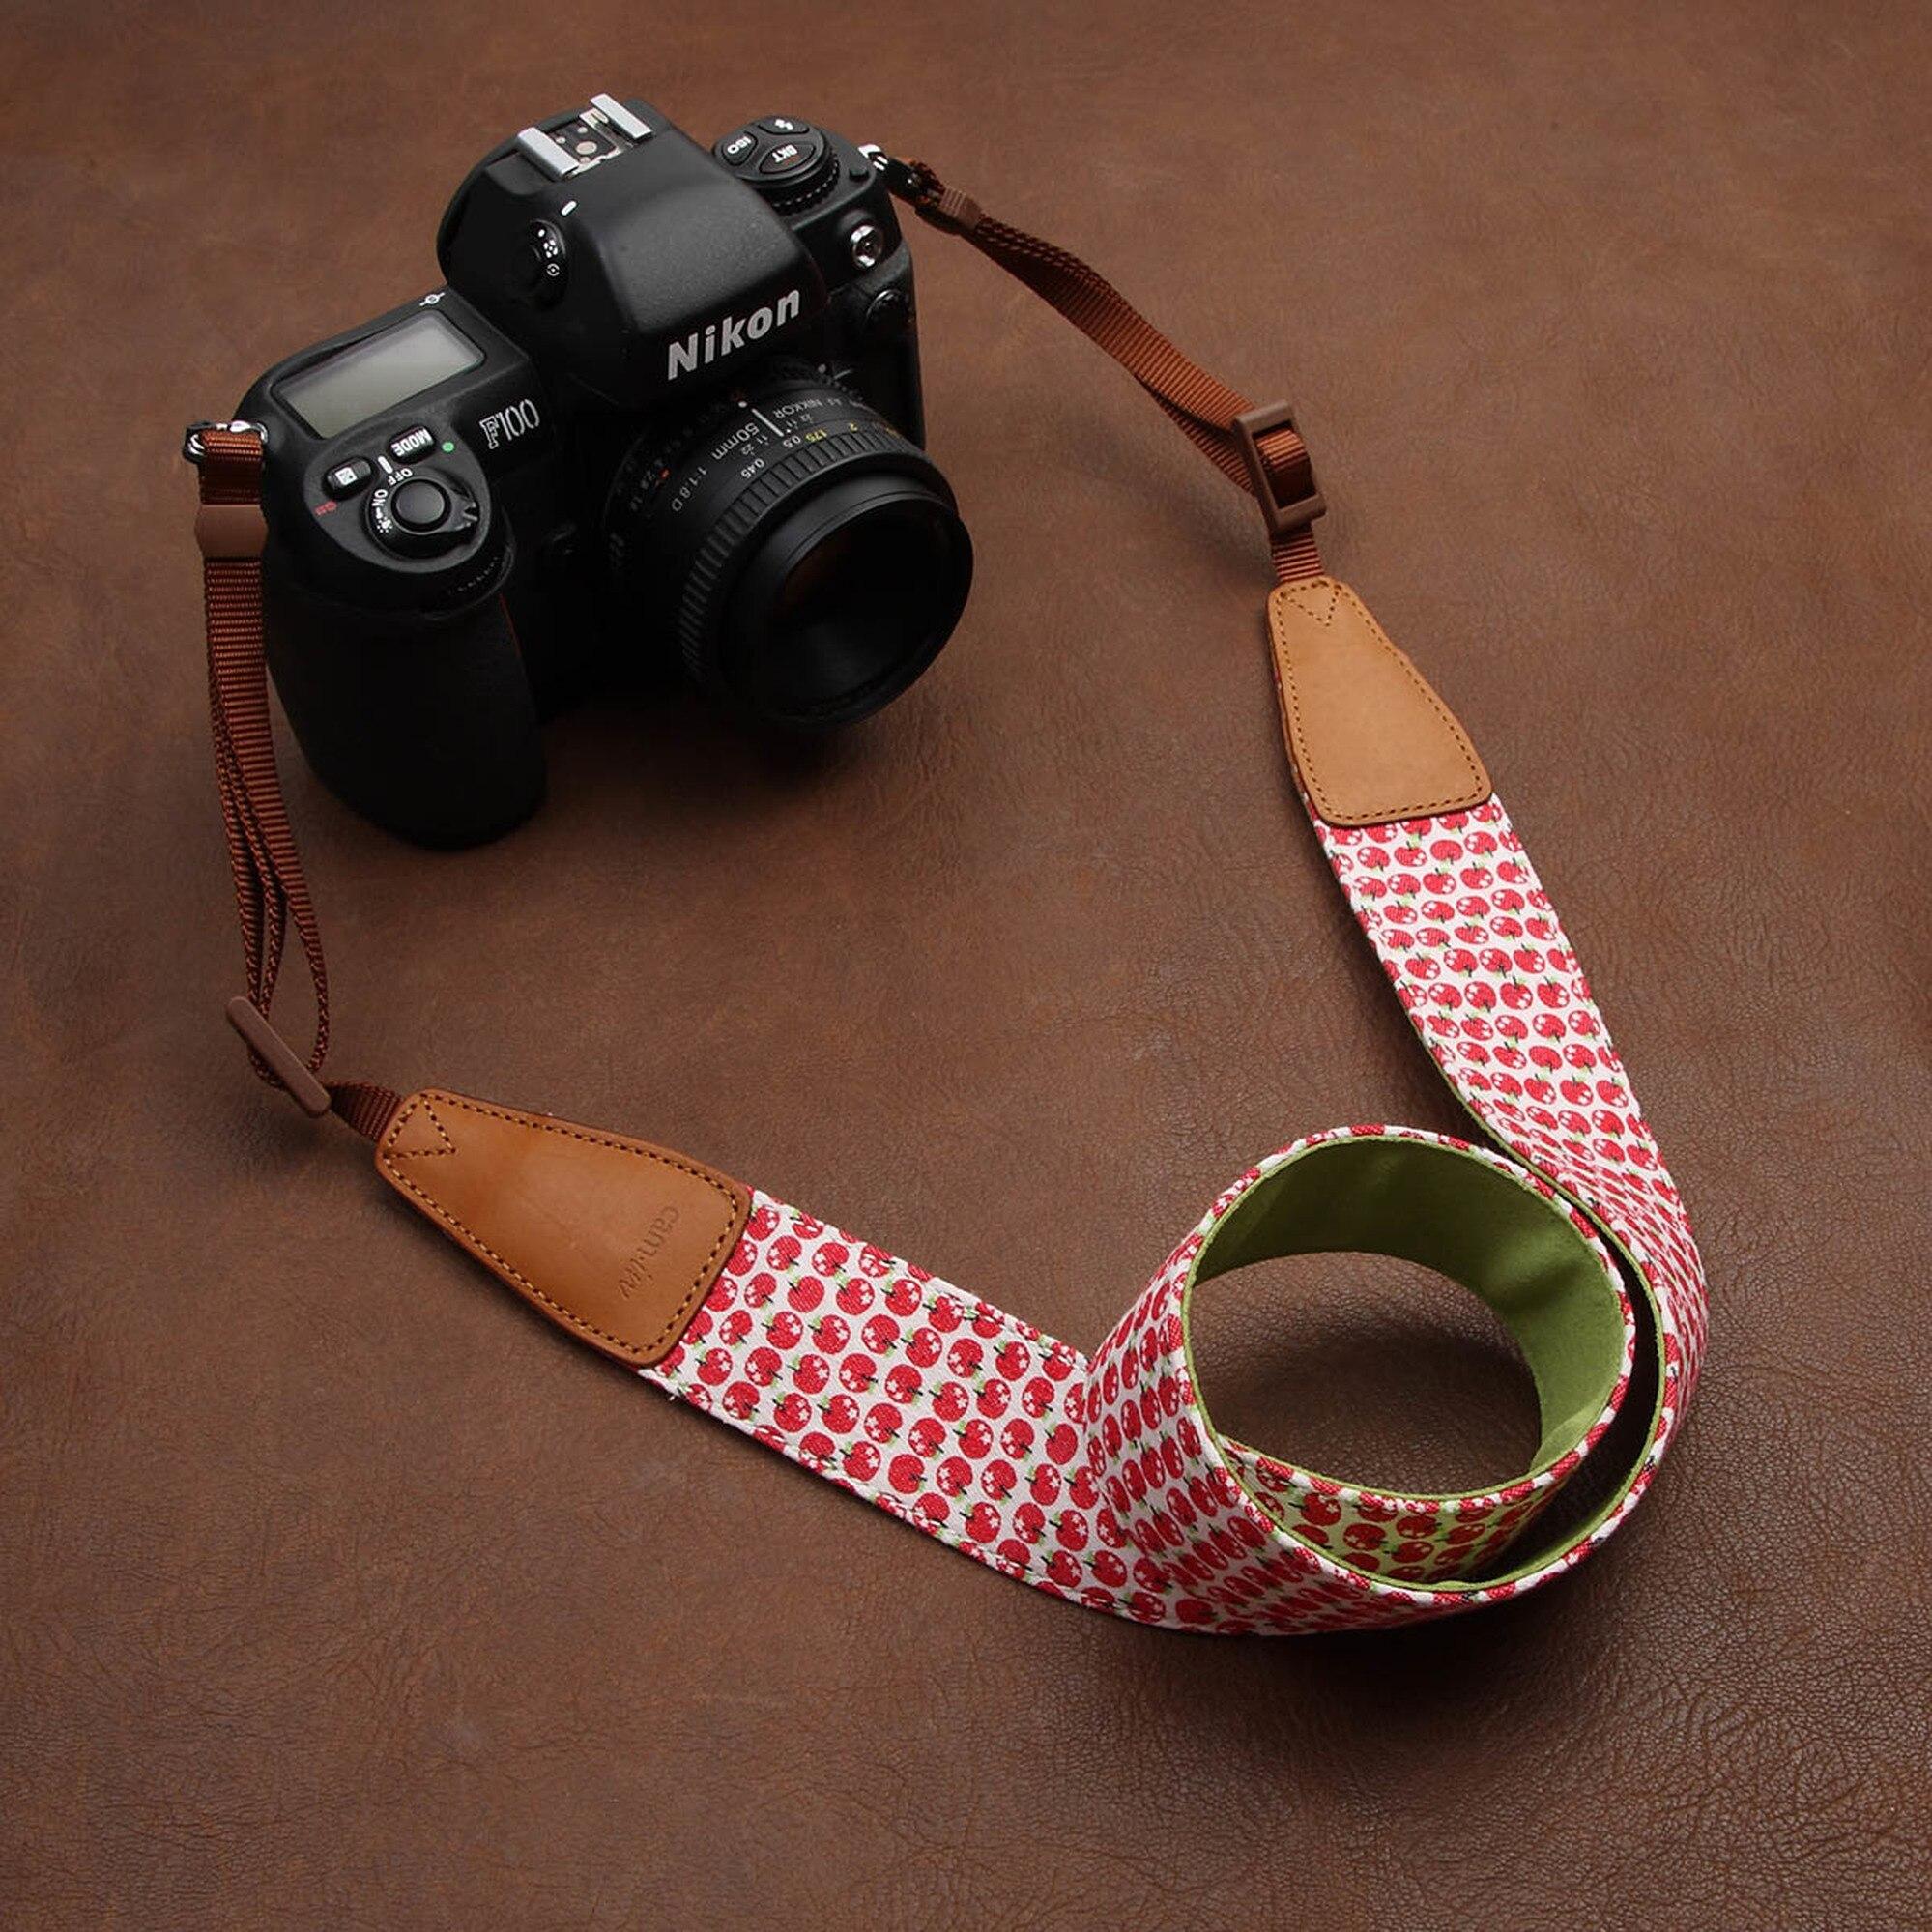 Хлопковый трикотажный ремень для микро камеры cam in ninja sony